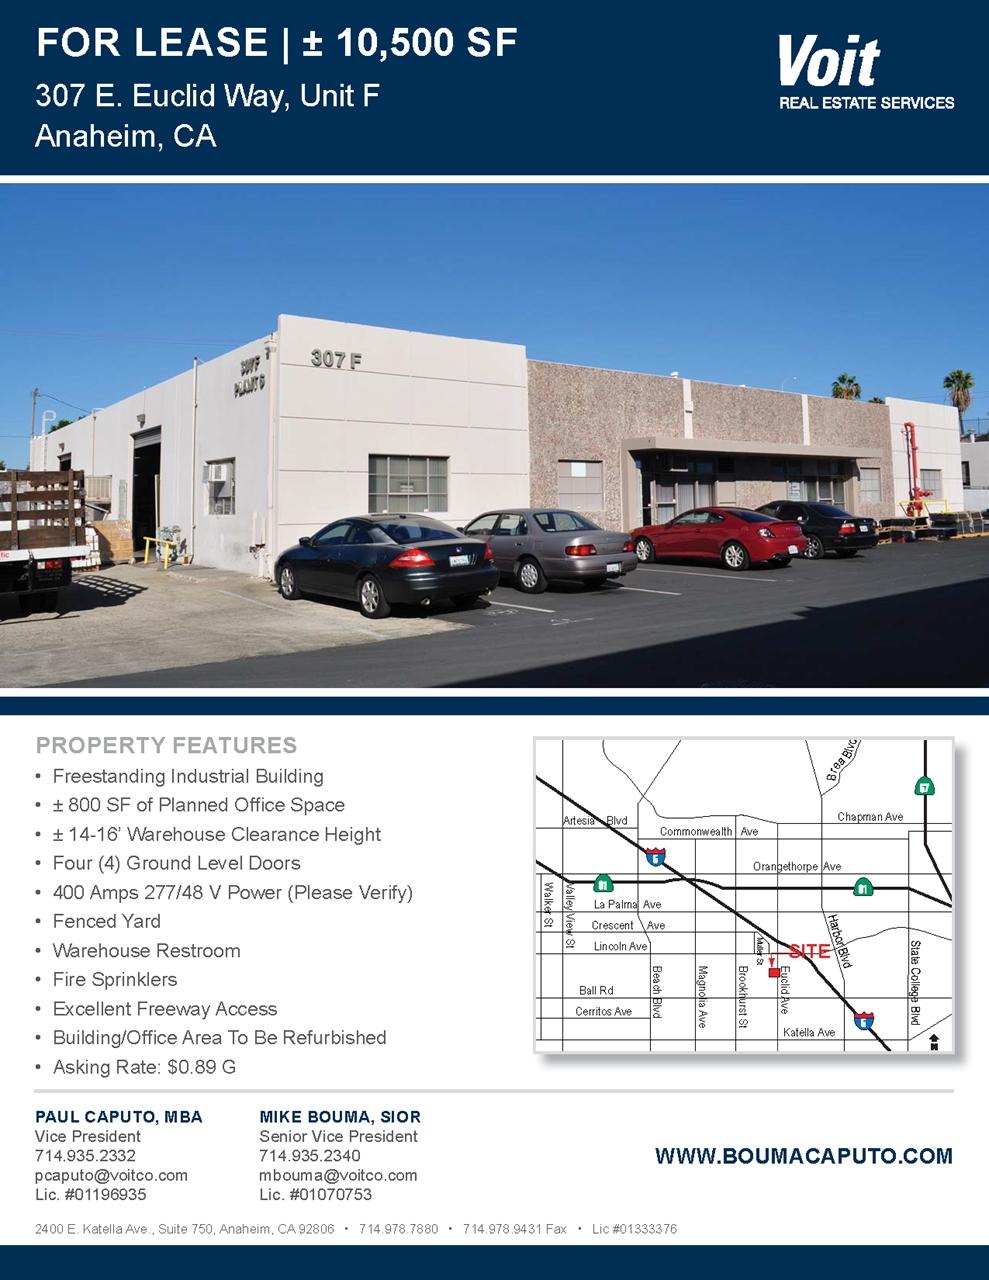 307 E. Euclid Way #G Anaheim, CA 92801